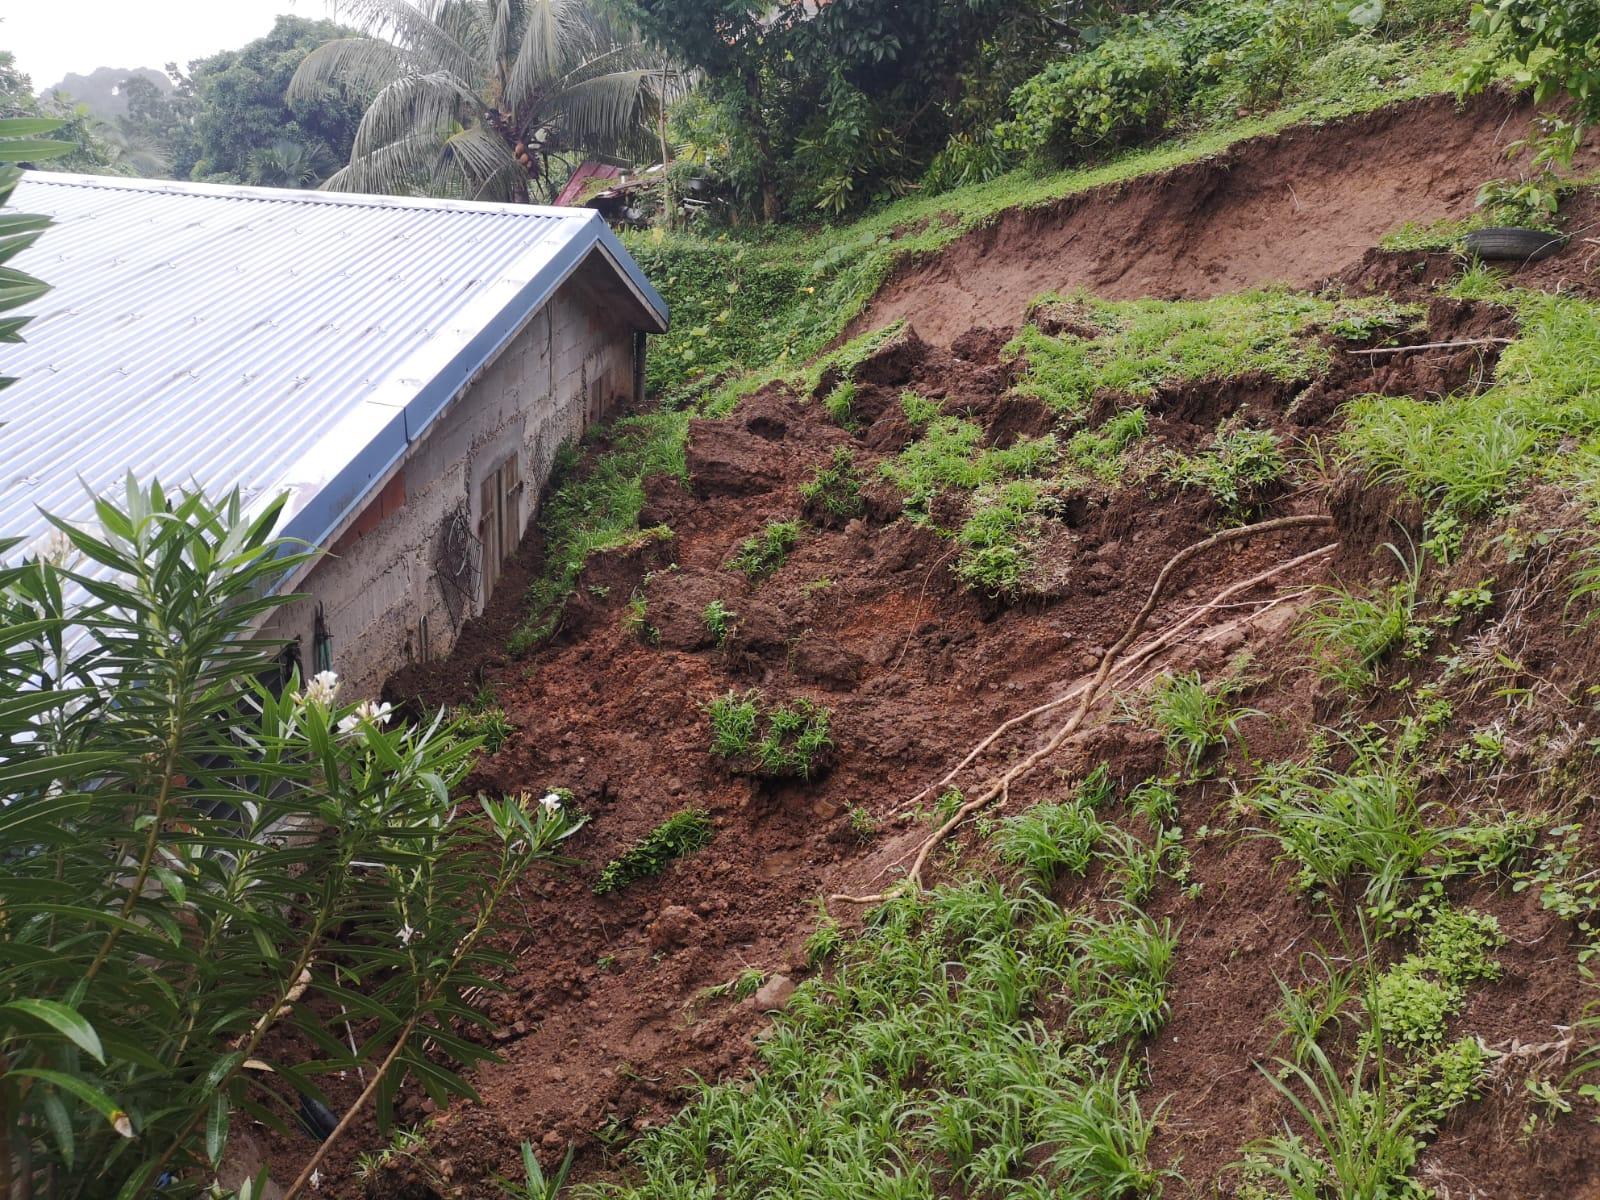 Météo France compare les pluies de novembre 2020 en Martinique à des précipitations cycloniques